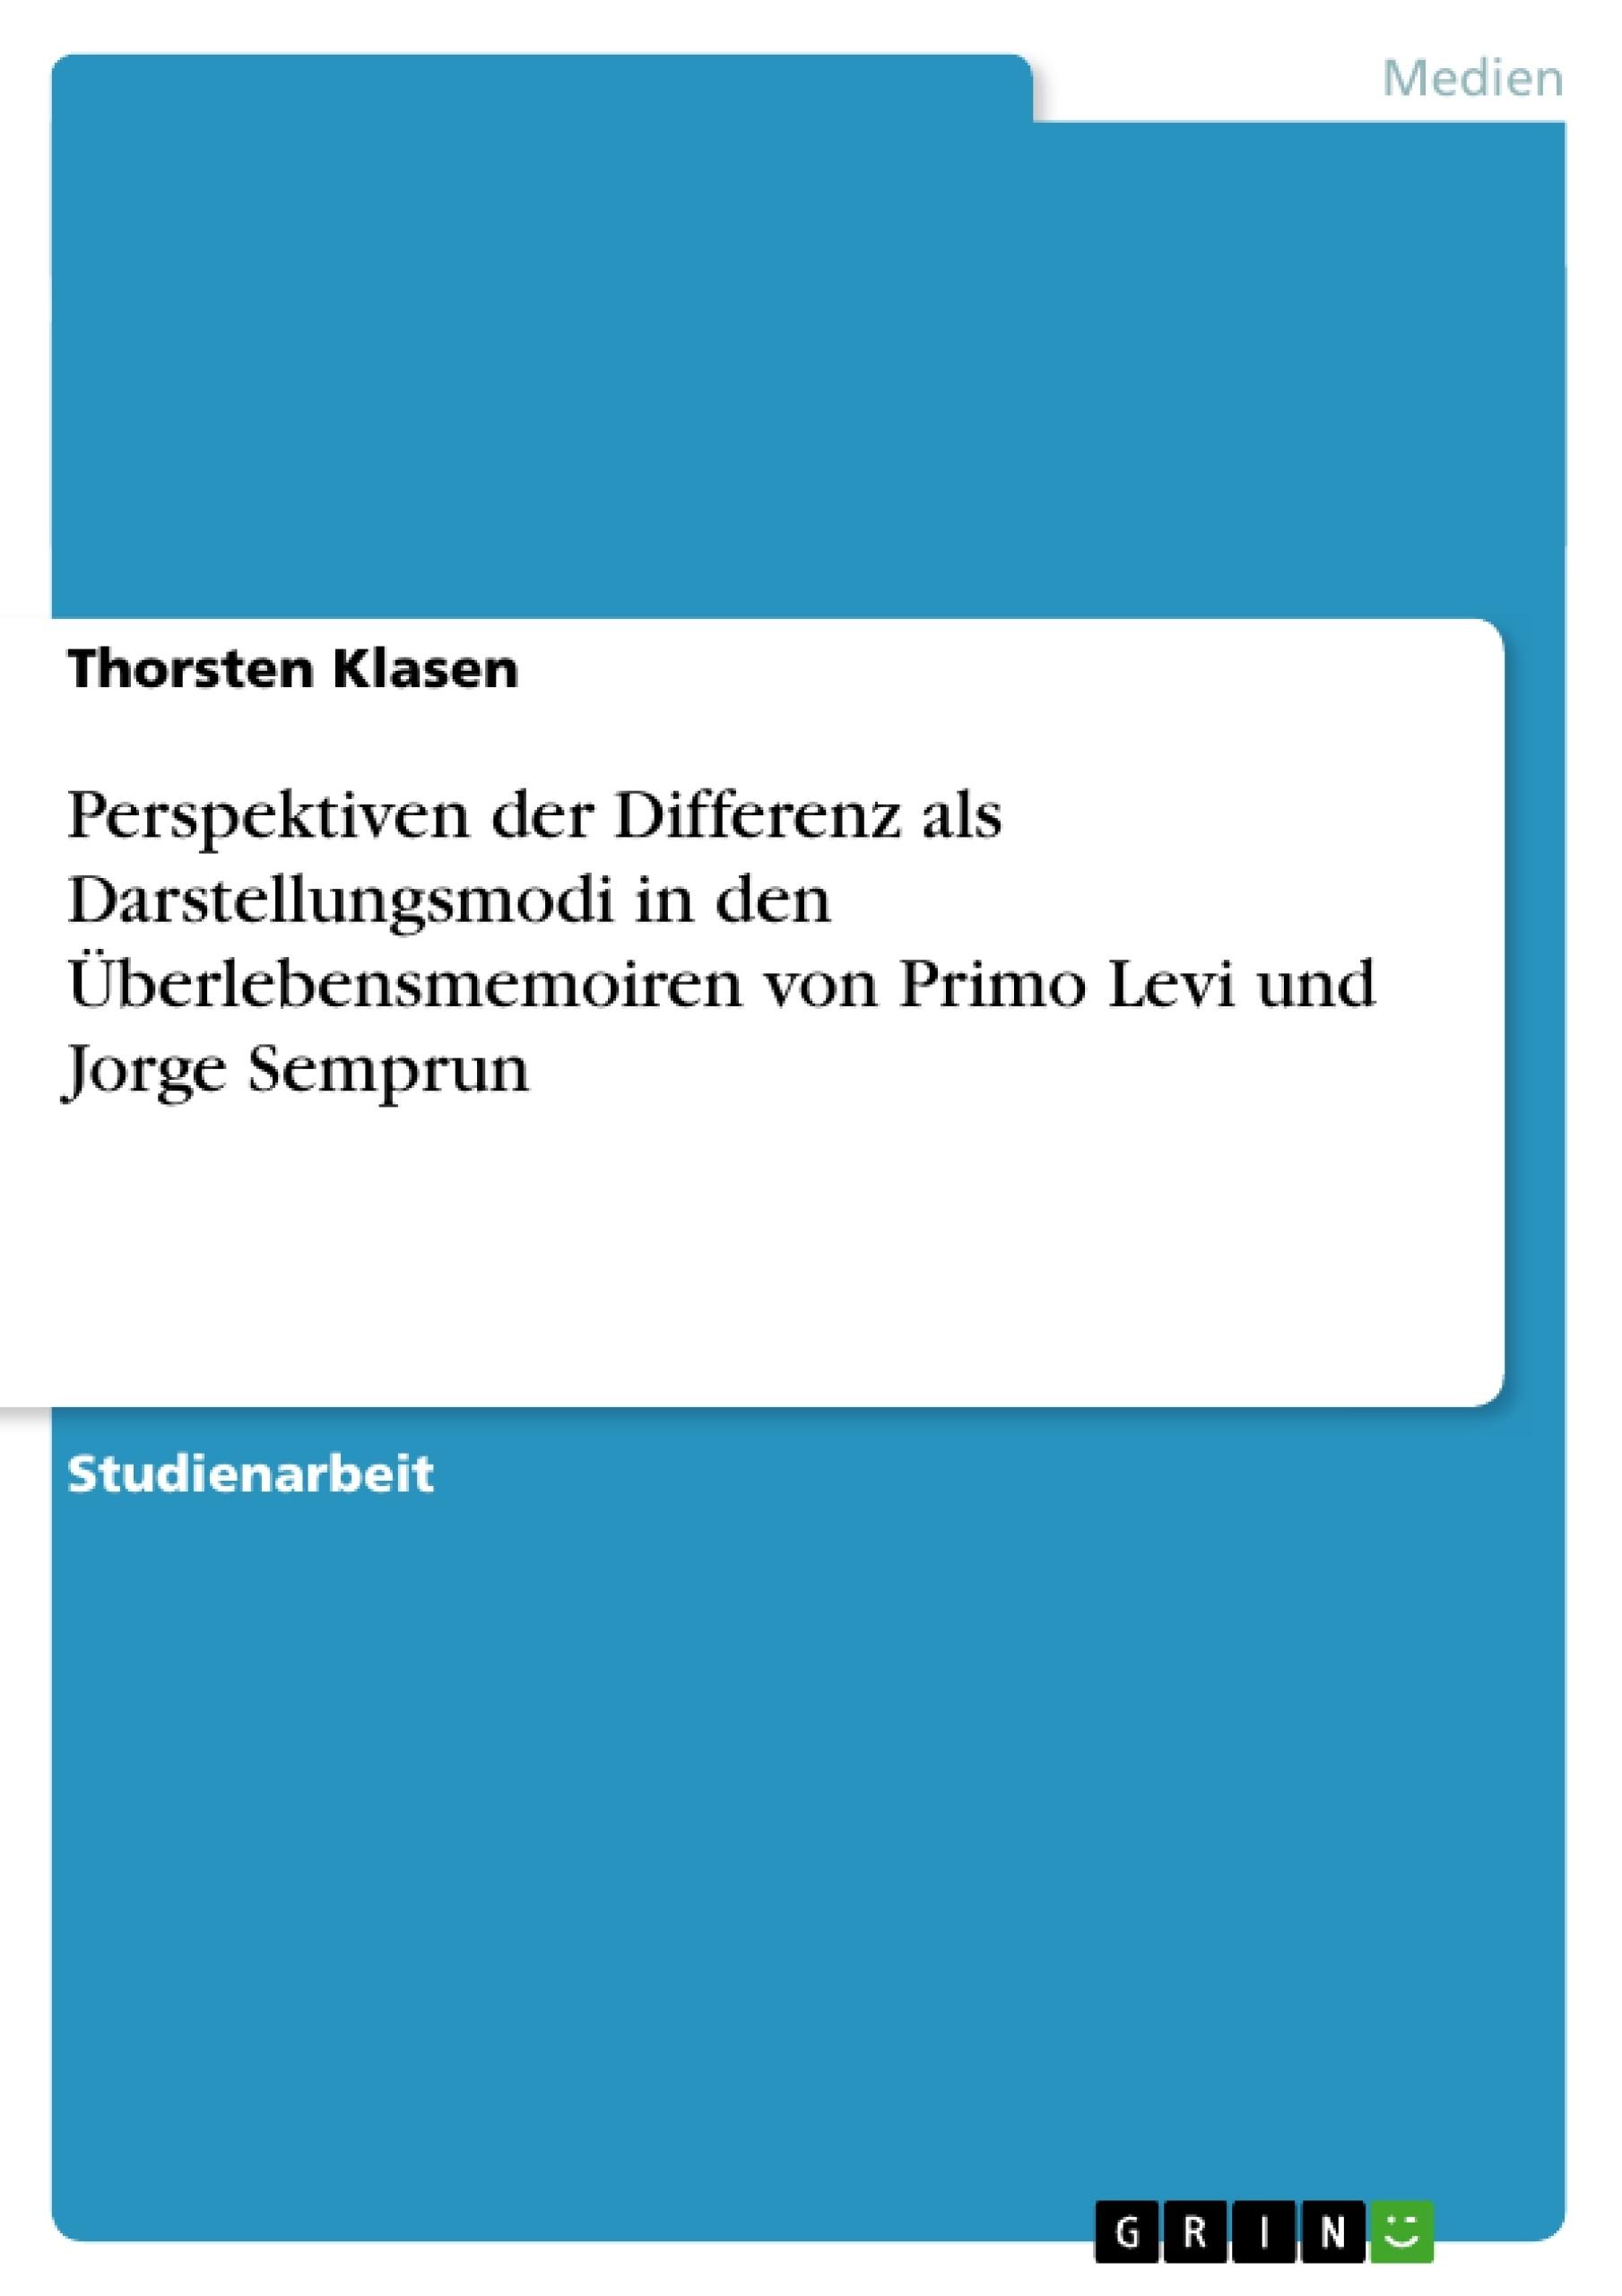 Titel: Perspektiven der Differenz als Darstellungsmodi in den Überlebensmemoiren von Primo Levi und Jorge Semprun